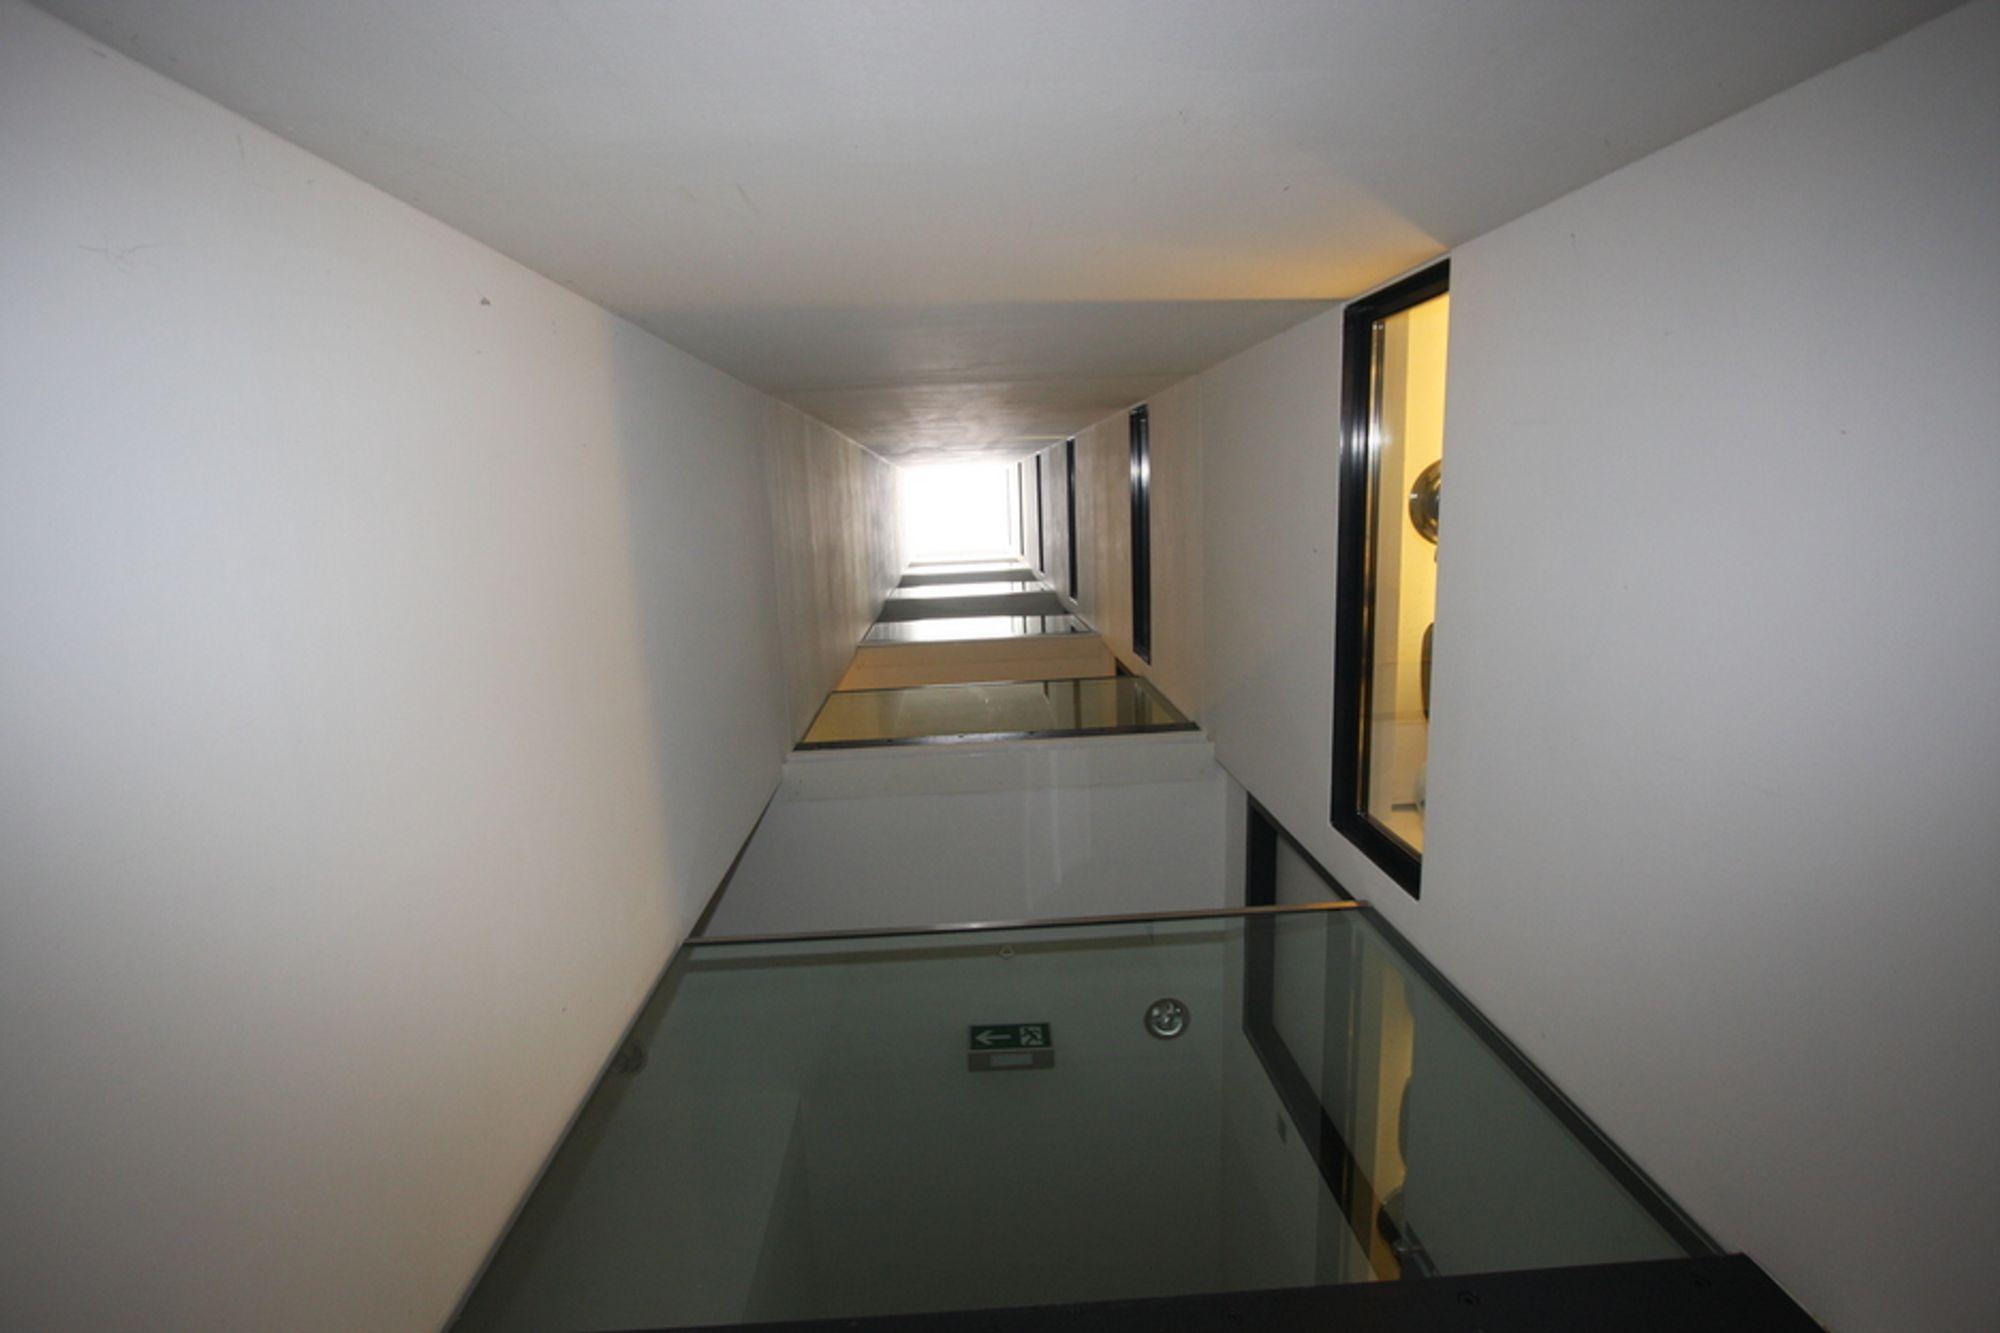 SJAKT: Studentboligen i Molkereistrasse i Wien er meget kompakt. For å sikre tilstrekkelig dagslys inn er det bygget inn syv lyssjakter. Til høyre i bildet vinduer til hyblene mens enden av korridorene som går gjennom bygningen sees i midten av bildet.